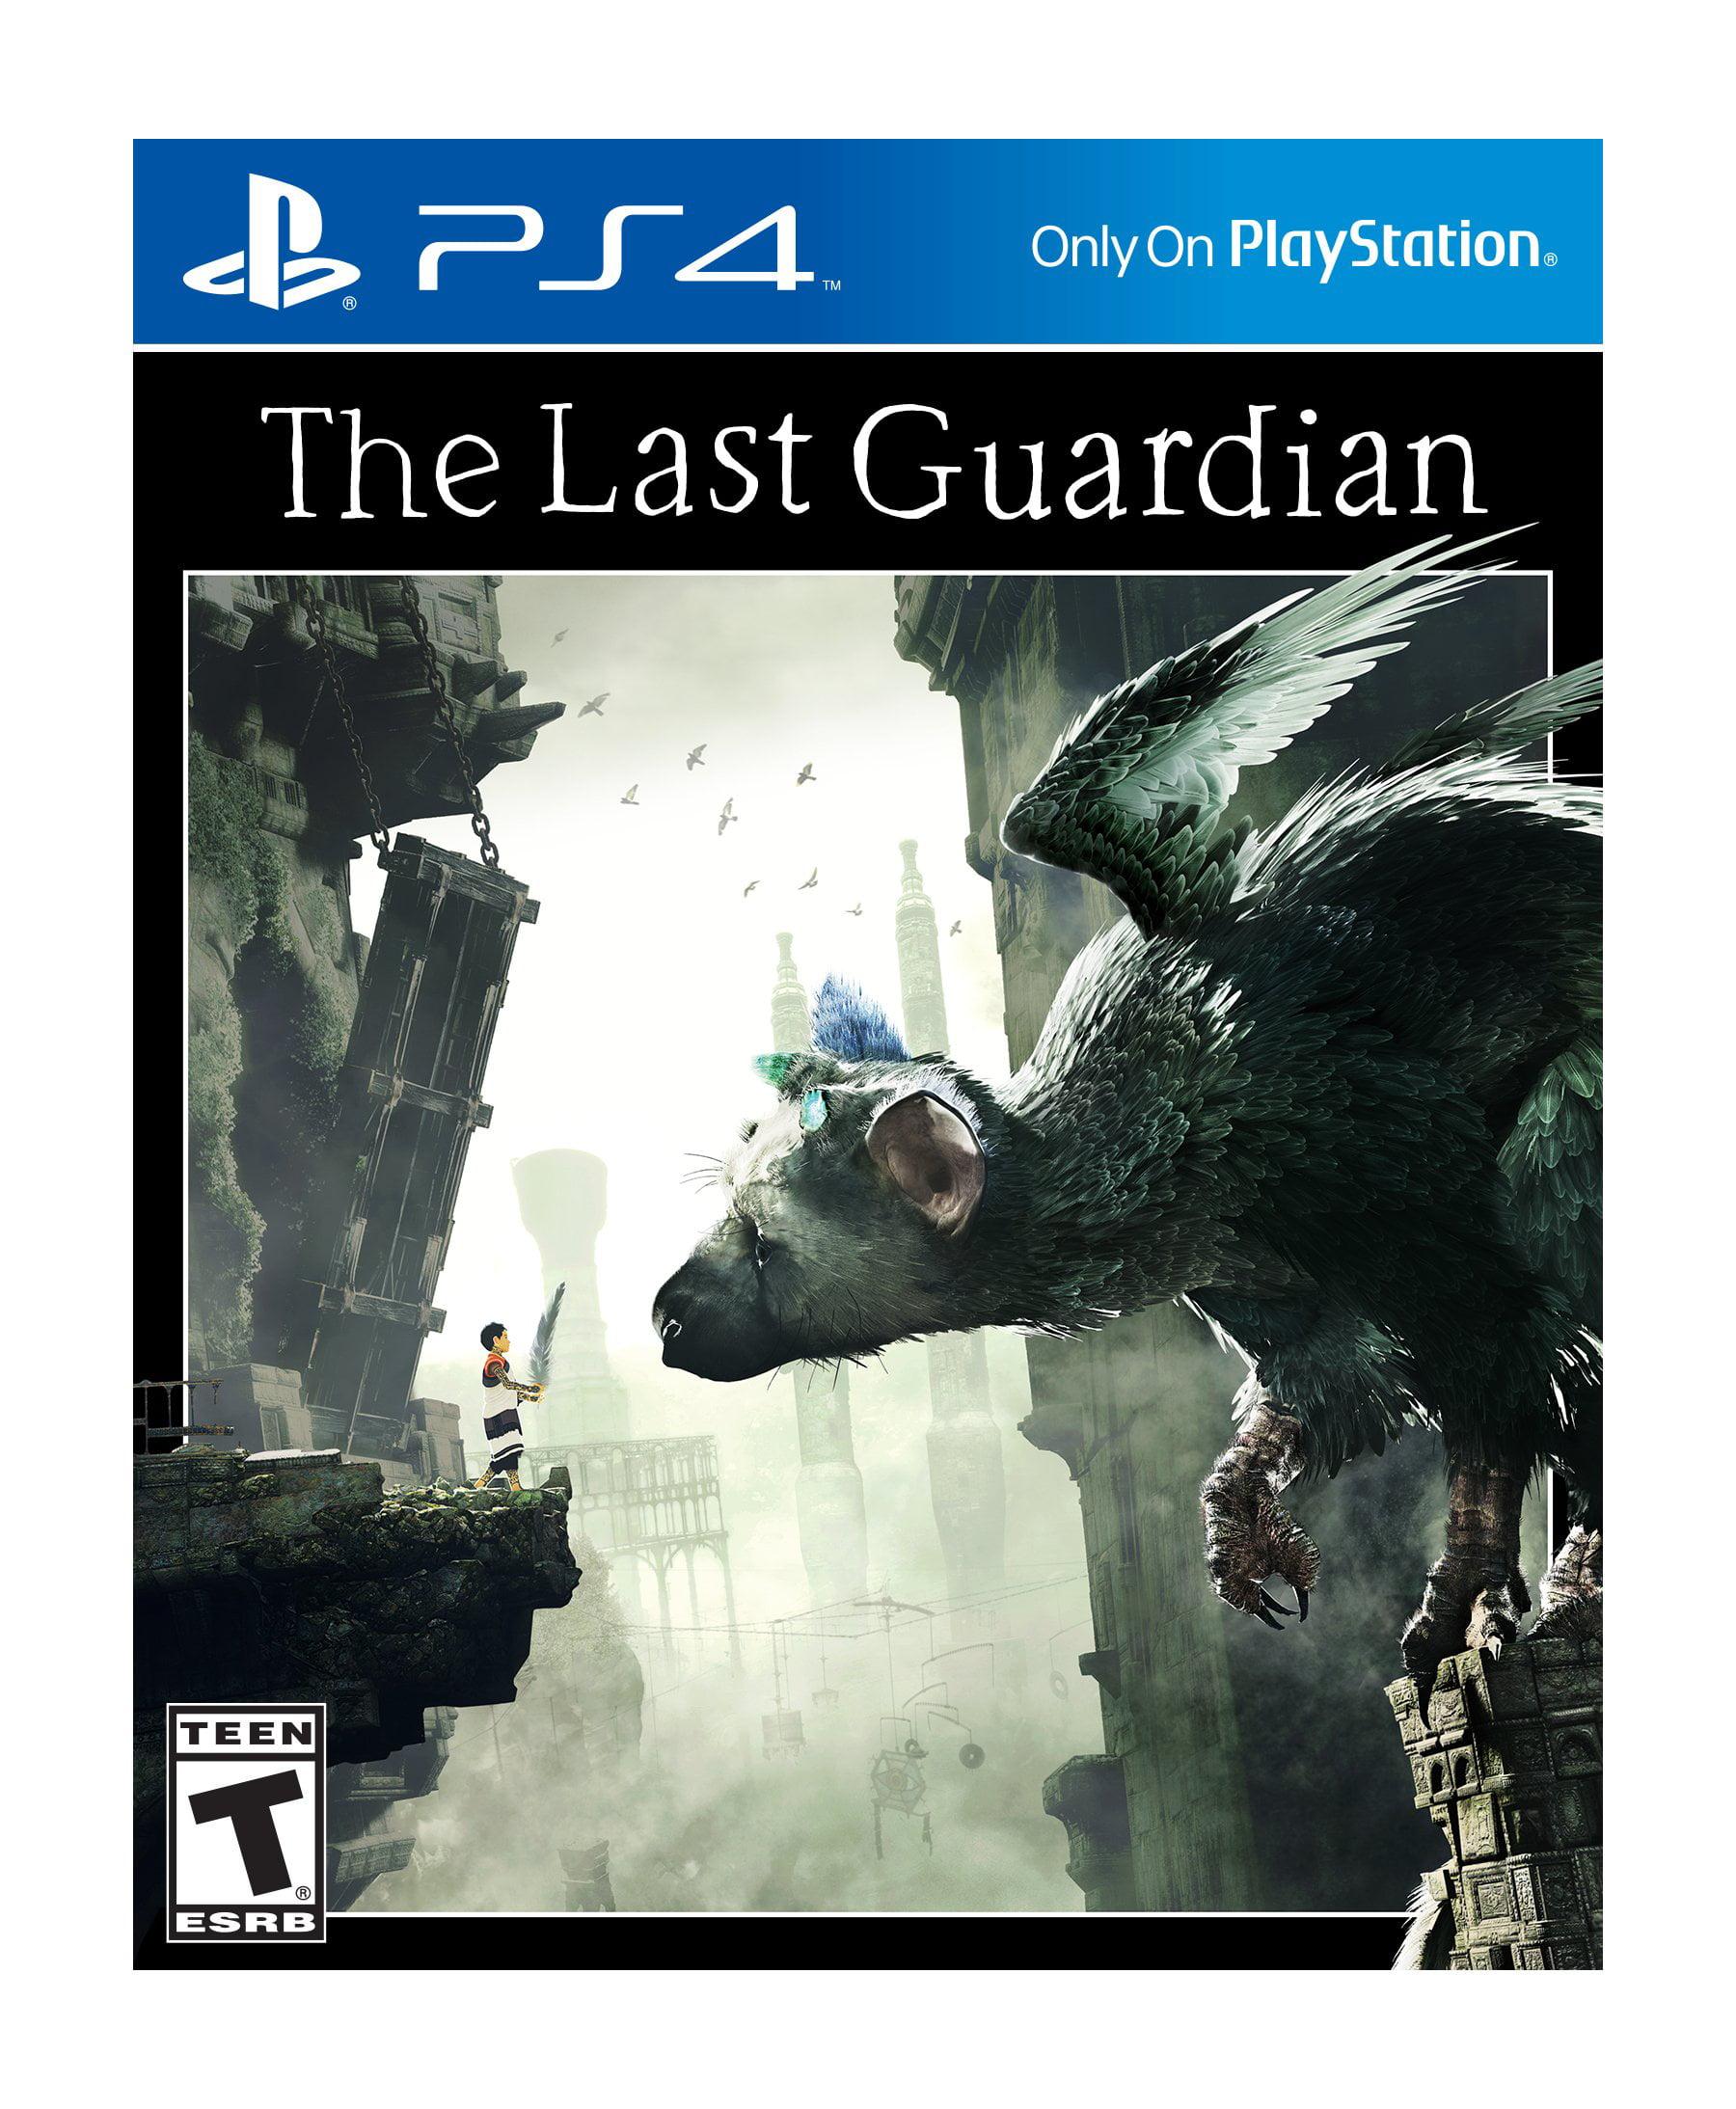 The Last Gaurdian for PlayStation 4 by Sony